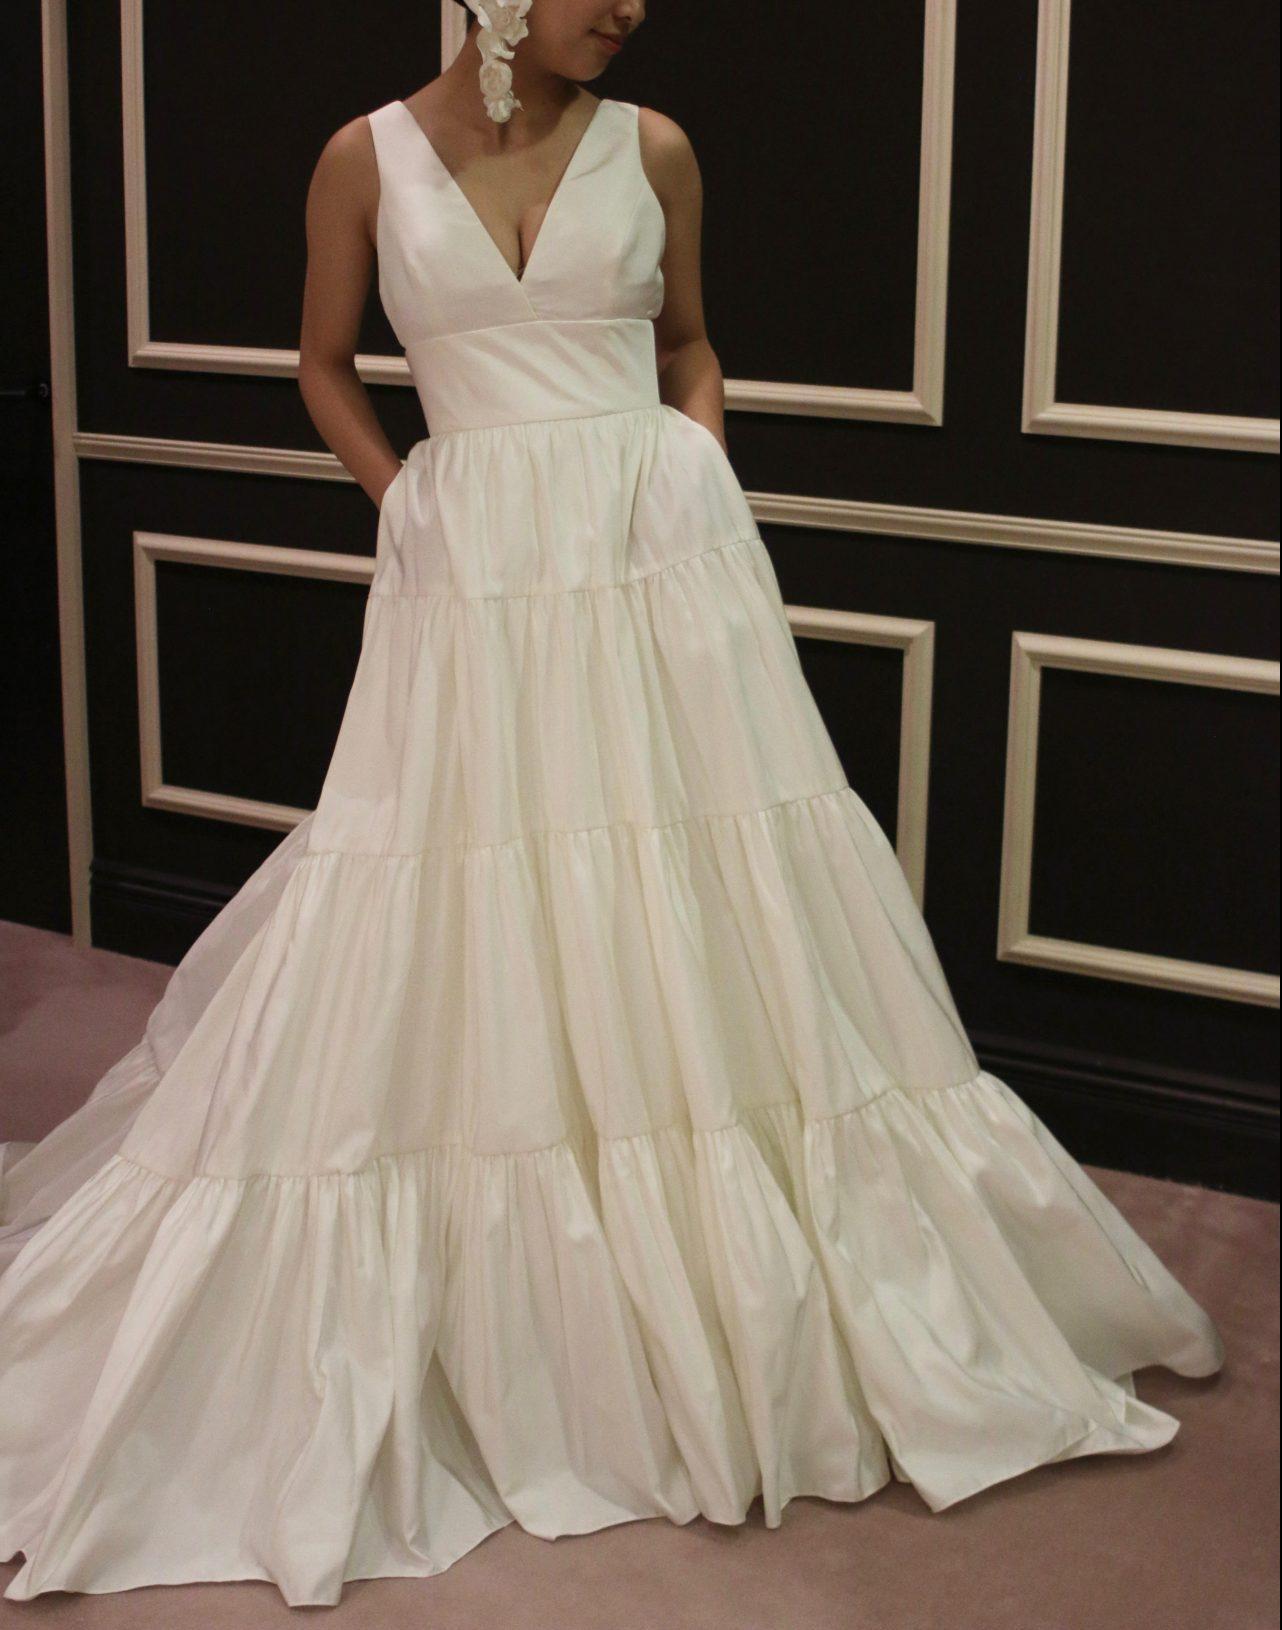 長野で海外ブランドドレスをお召し頂けるザトリートドレッシングにて素敵なウェディングドレスをご提案しています